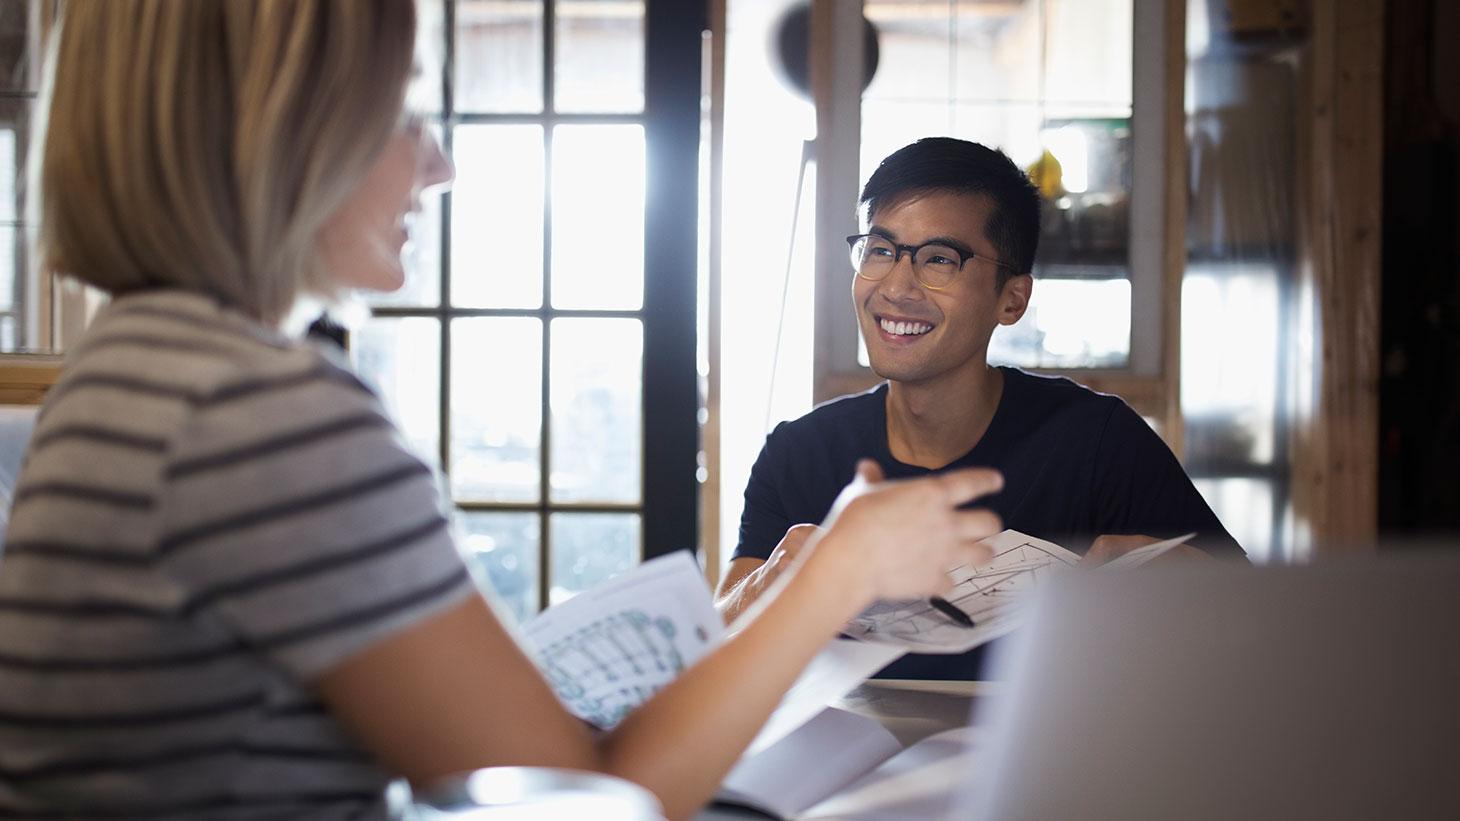 İyi Dinlemek: İşte Yükselmeniz İçin Gereken Beceri